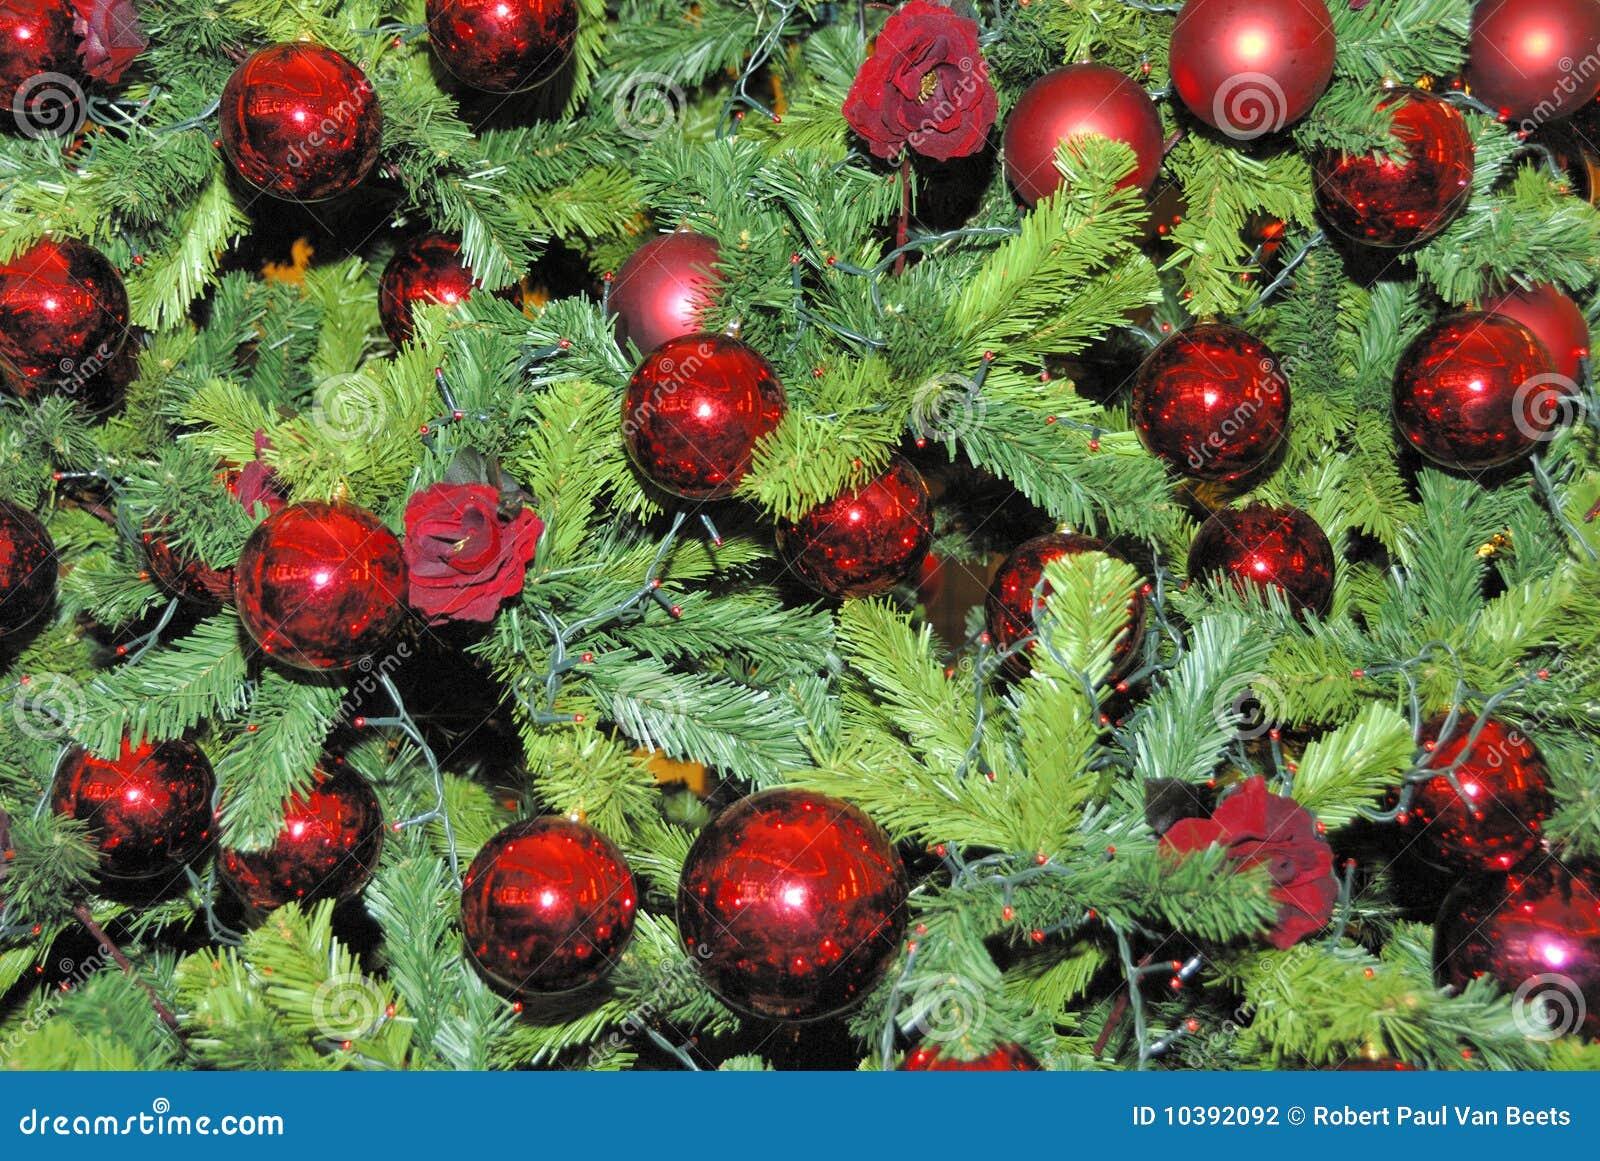 Decoraciones de navidad para negocios pictures to pin on - Decoracion de navidades ...